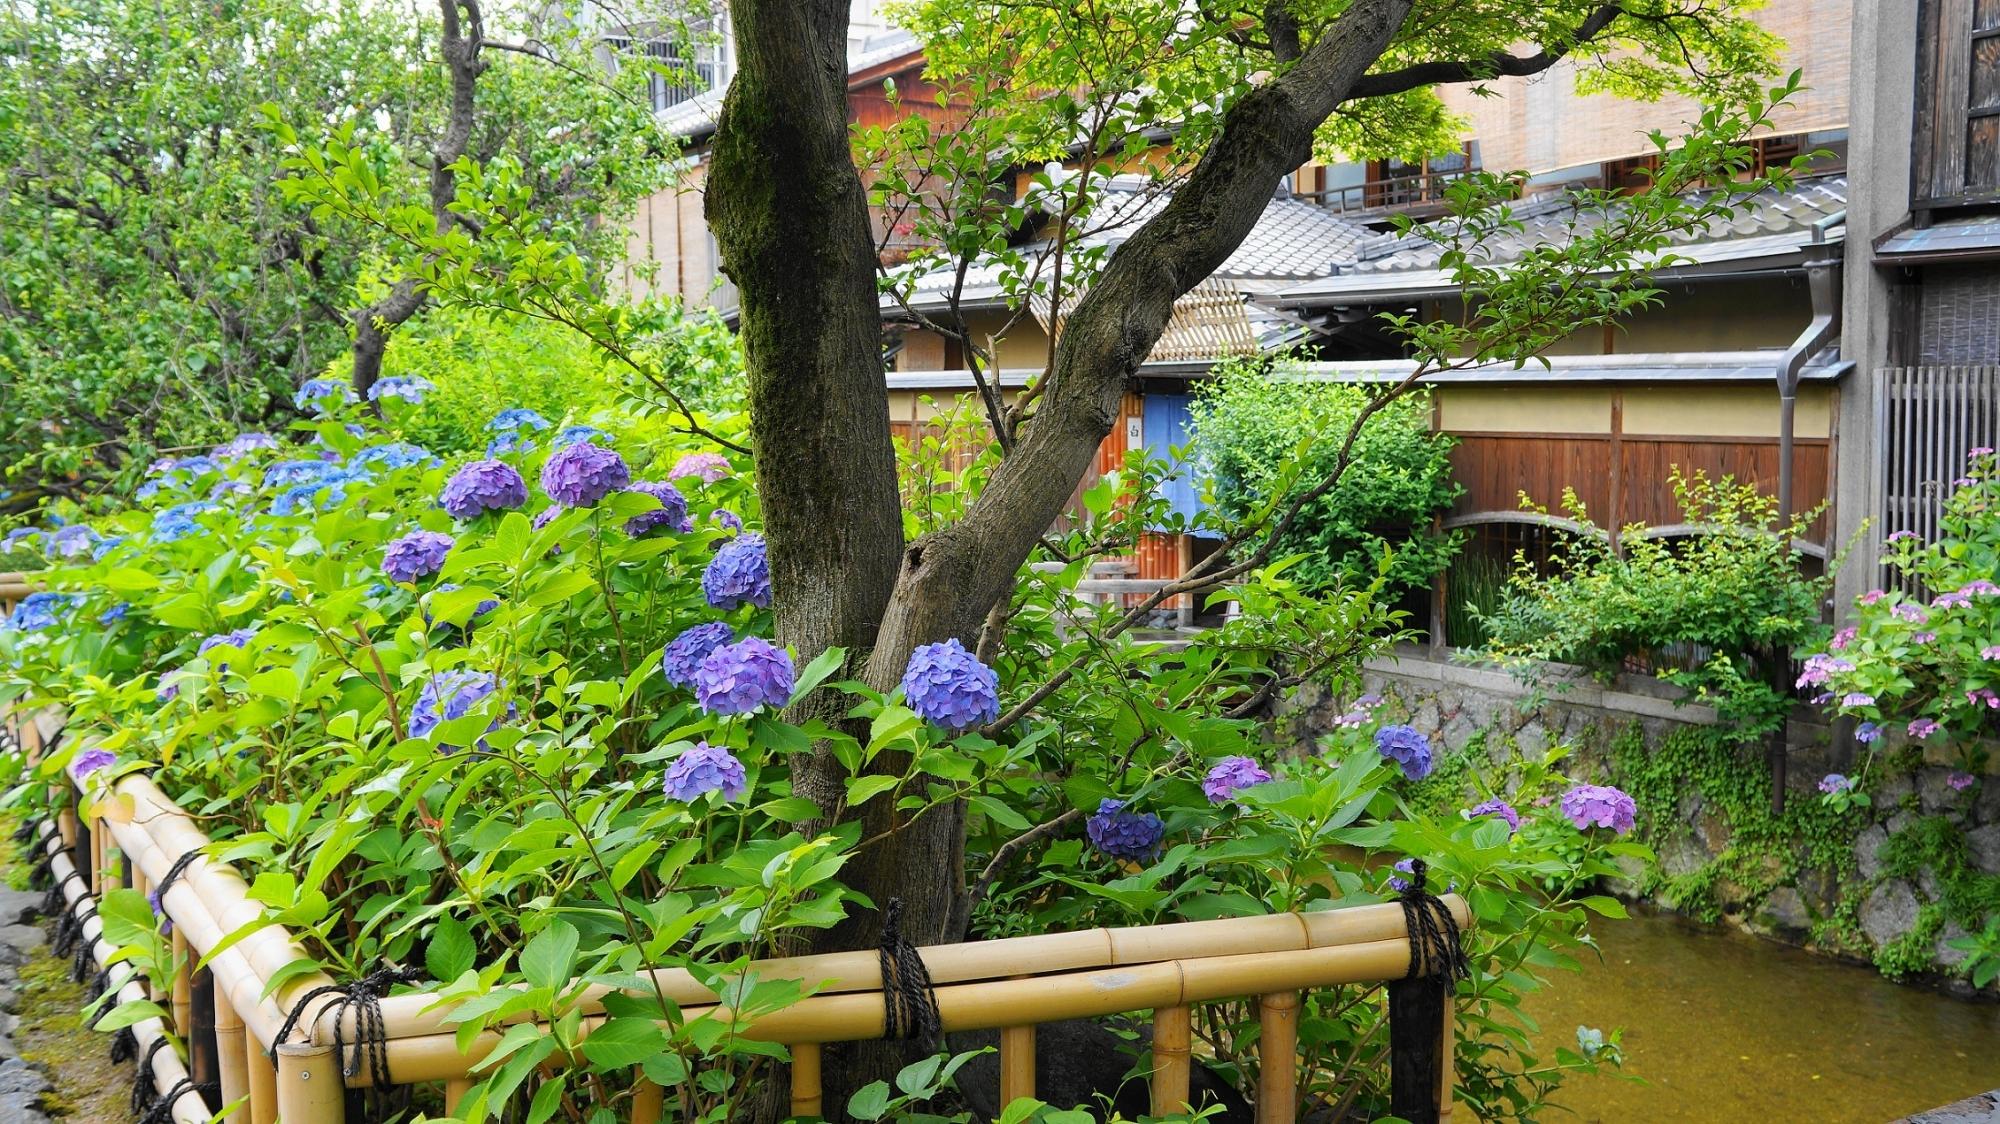 祇園白川の情緒ある街並みを華やぐ紫陽花